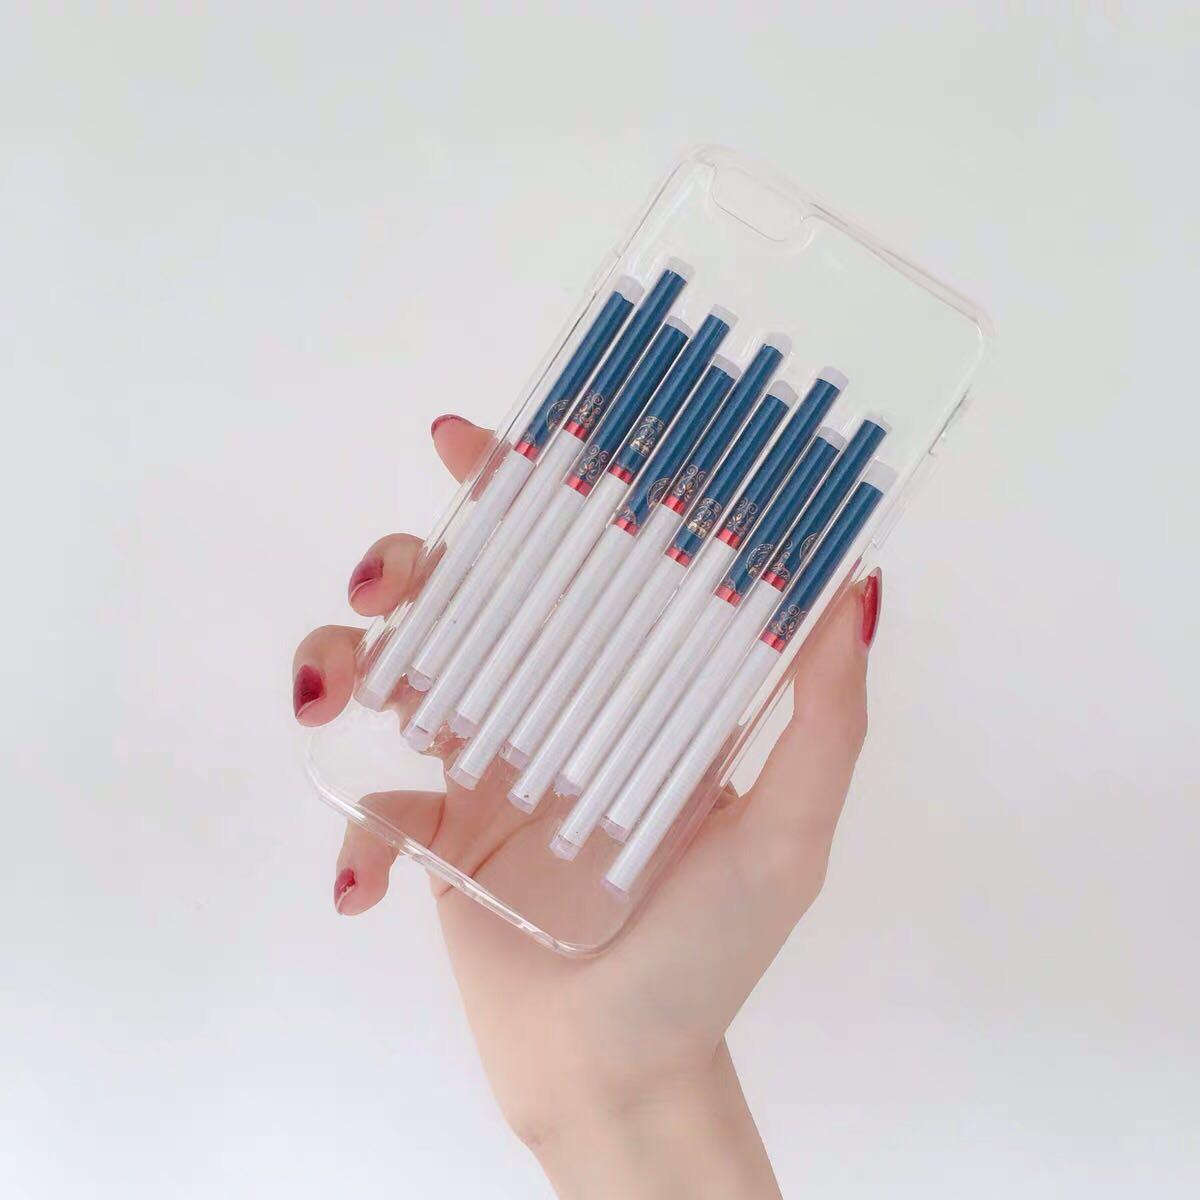 炫赫门滴胶真烟手机壳成品苹果 vivo oppo其他型号联系客服包邮